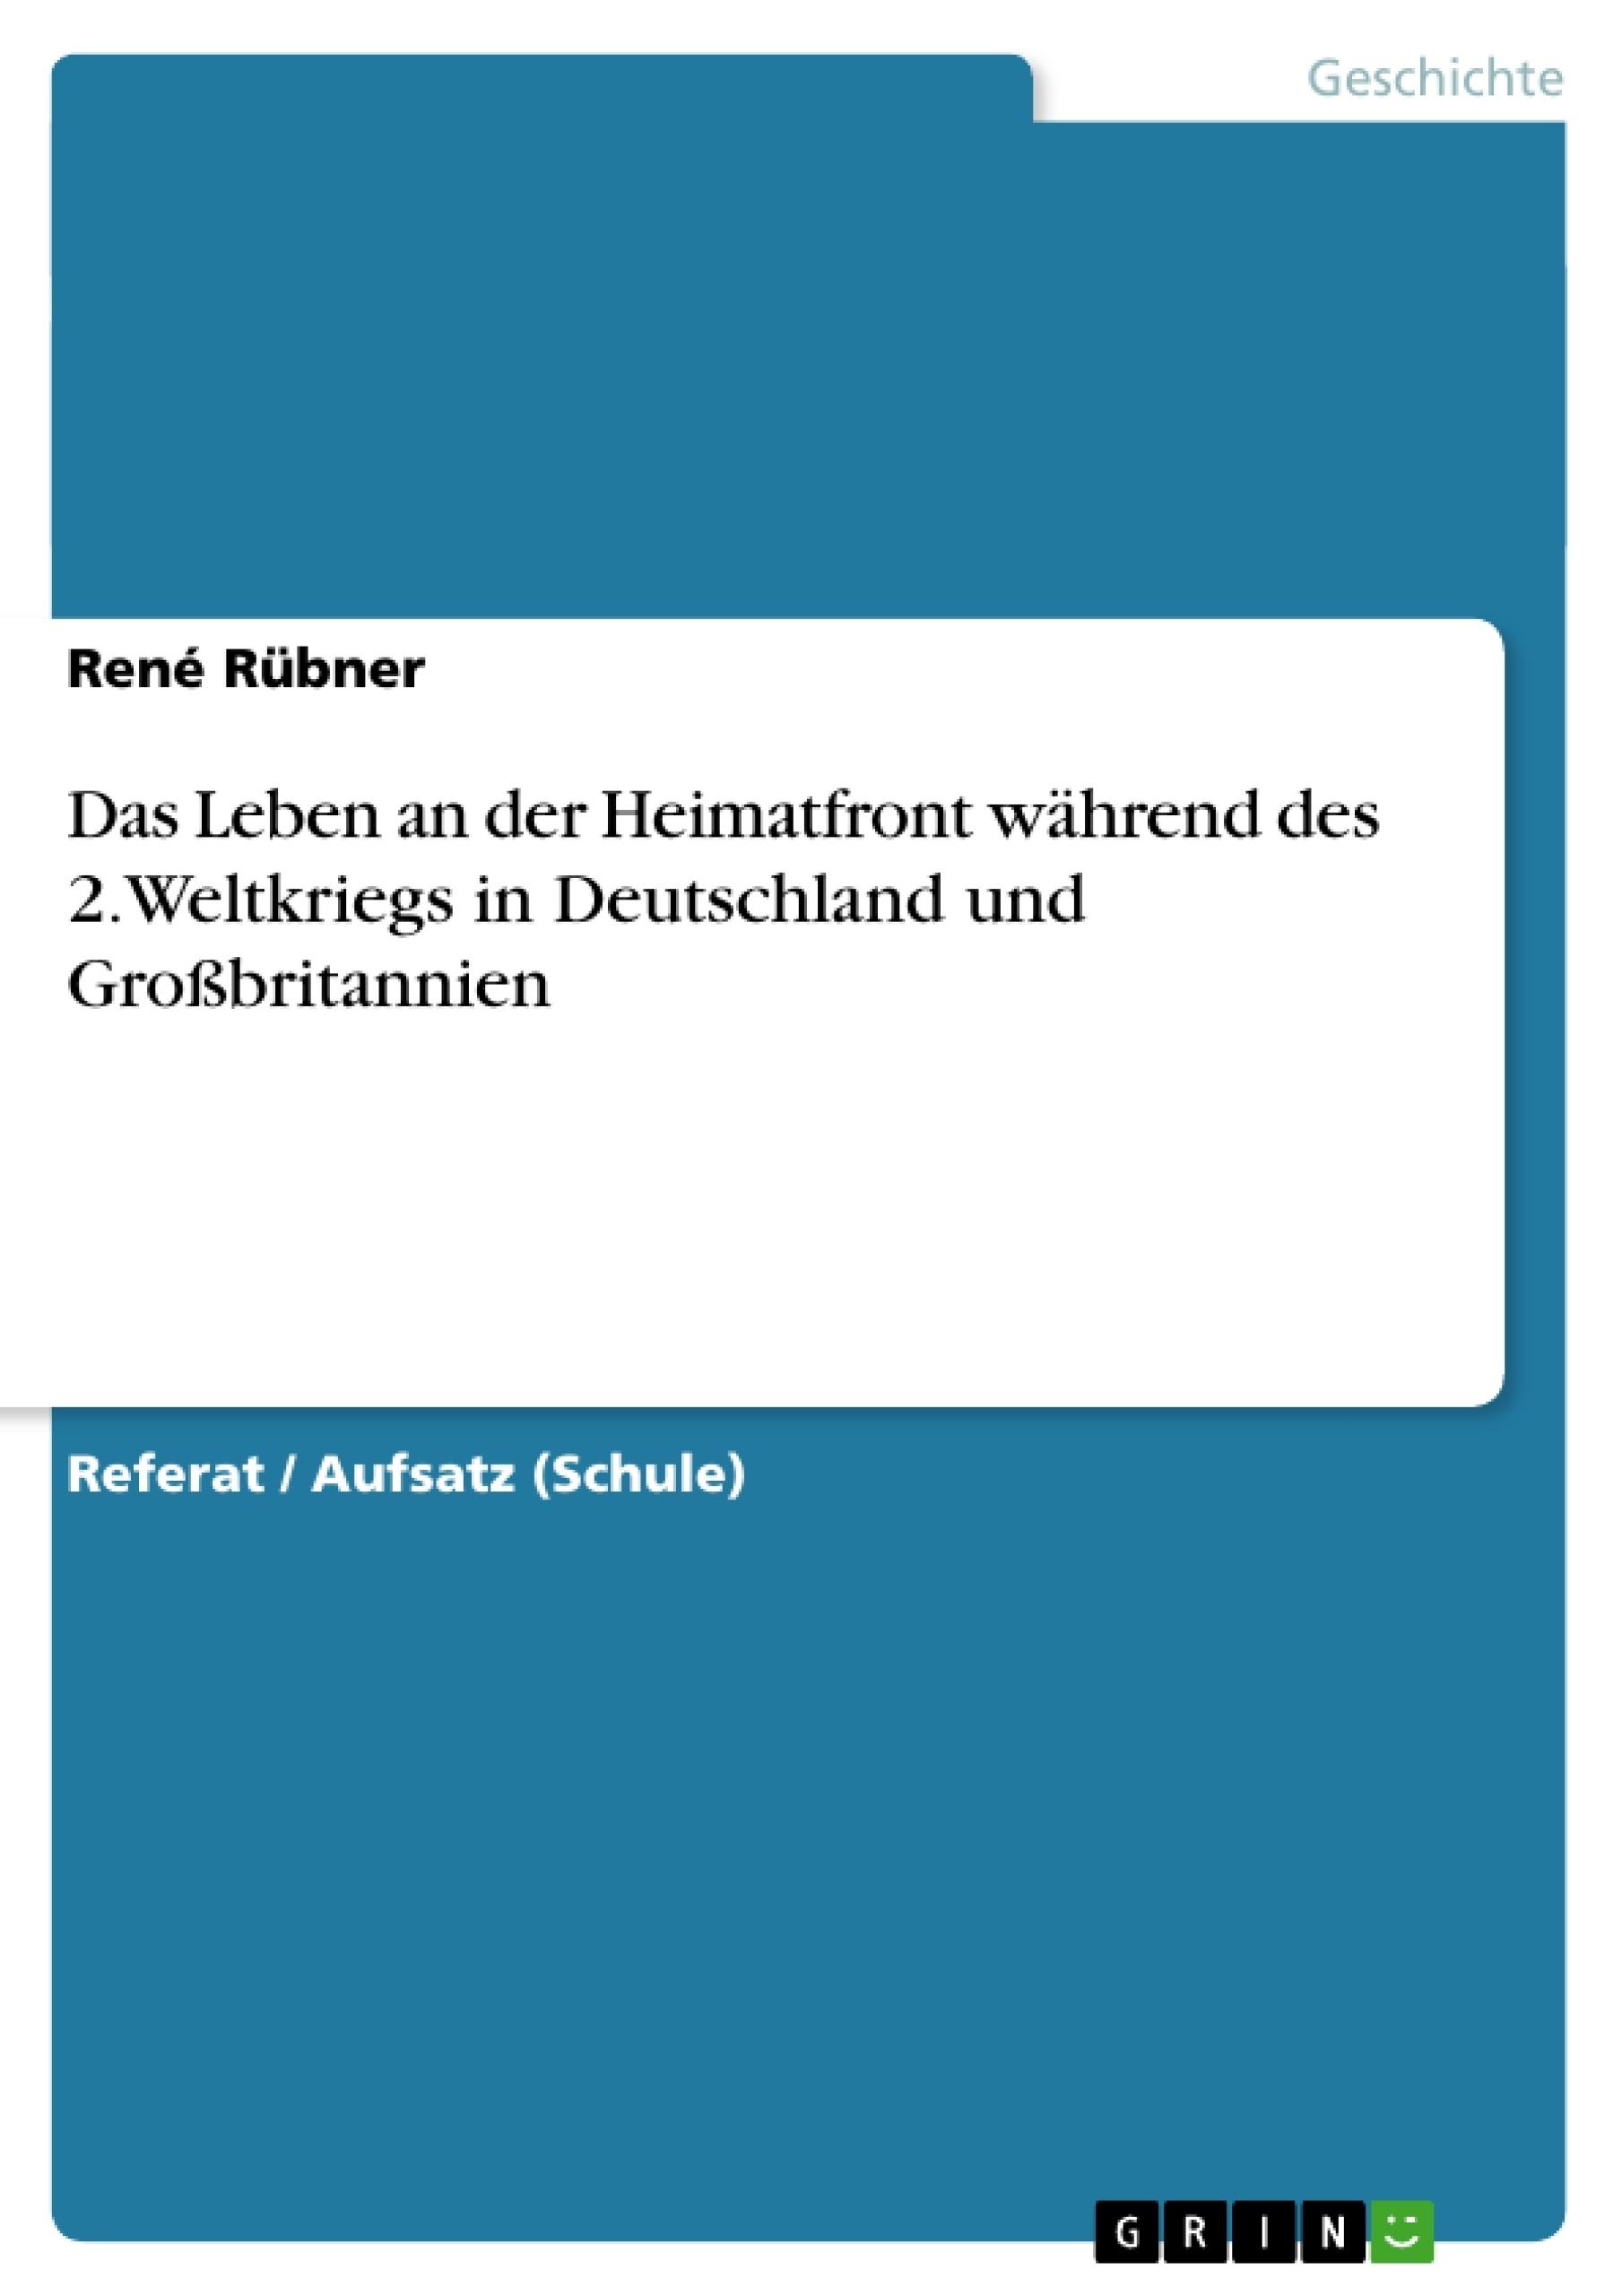 Titel: Das Leben an der Heimatfront während des 2.Weltkriegs in Deutschland und Großbritannien